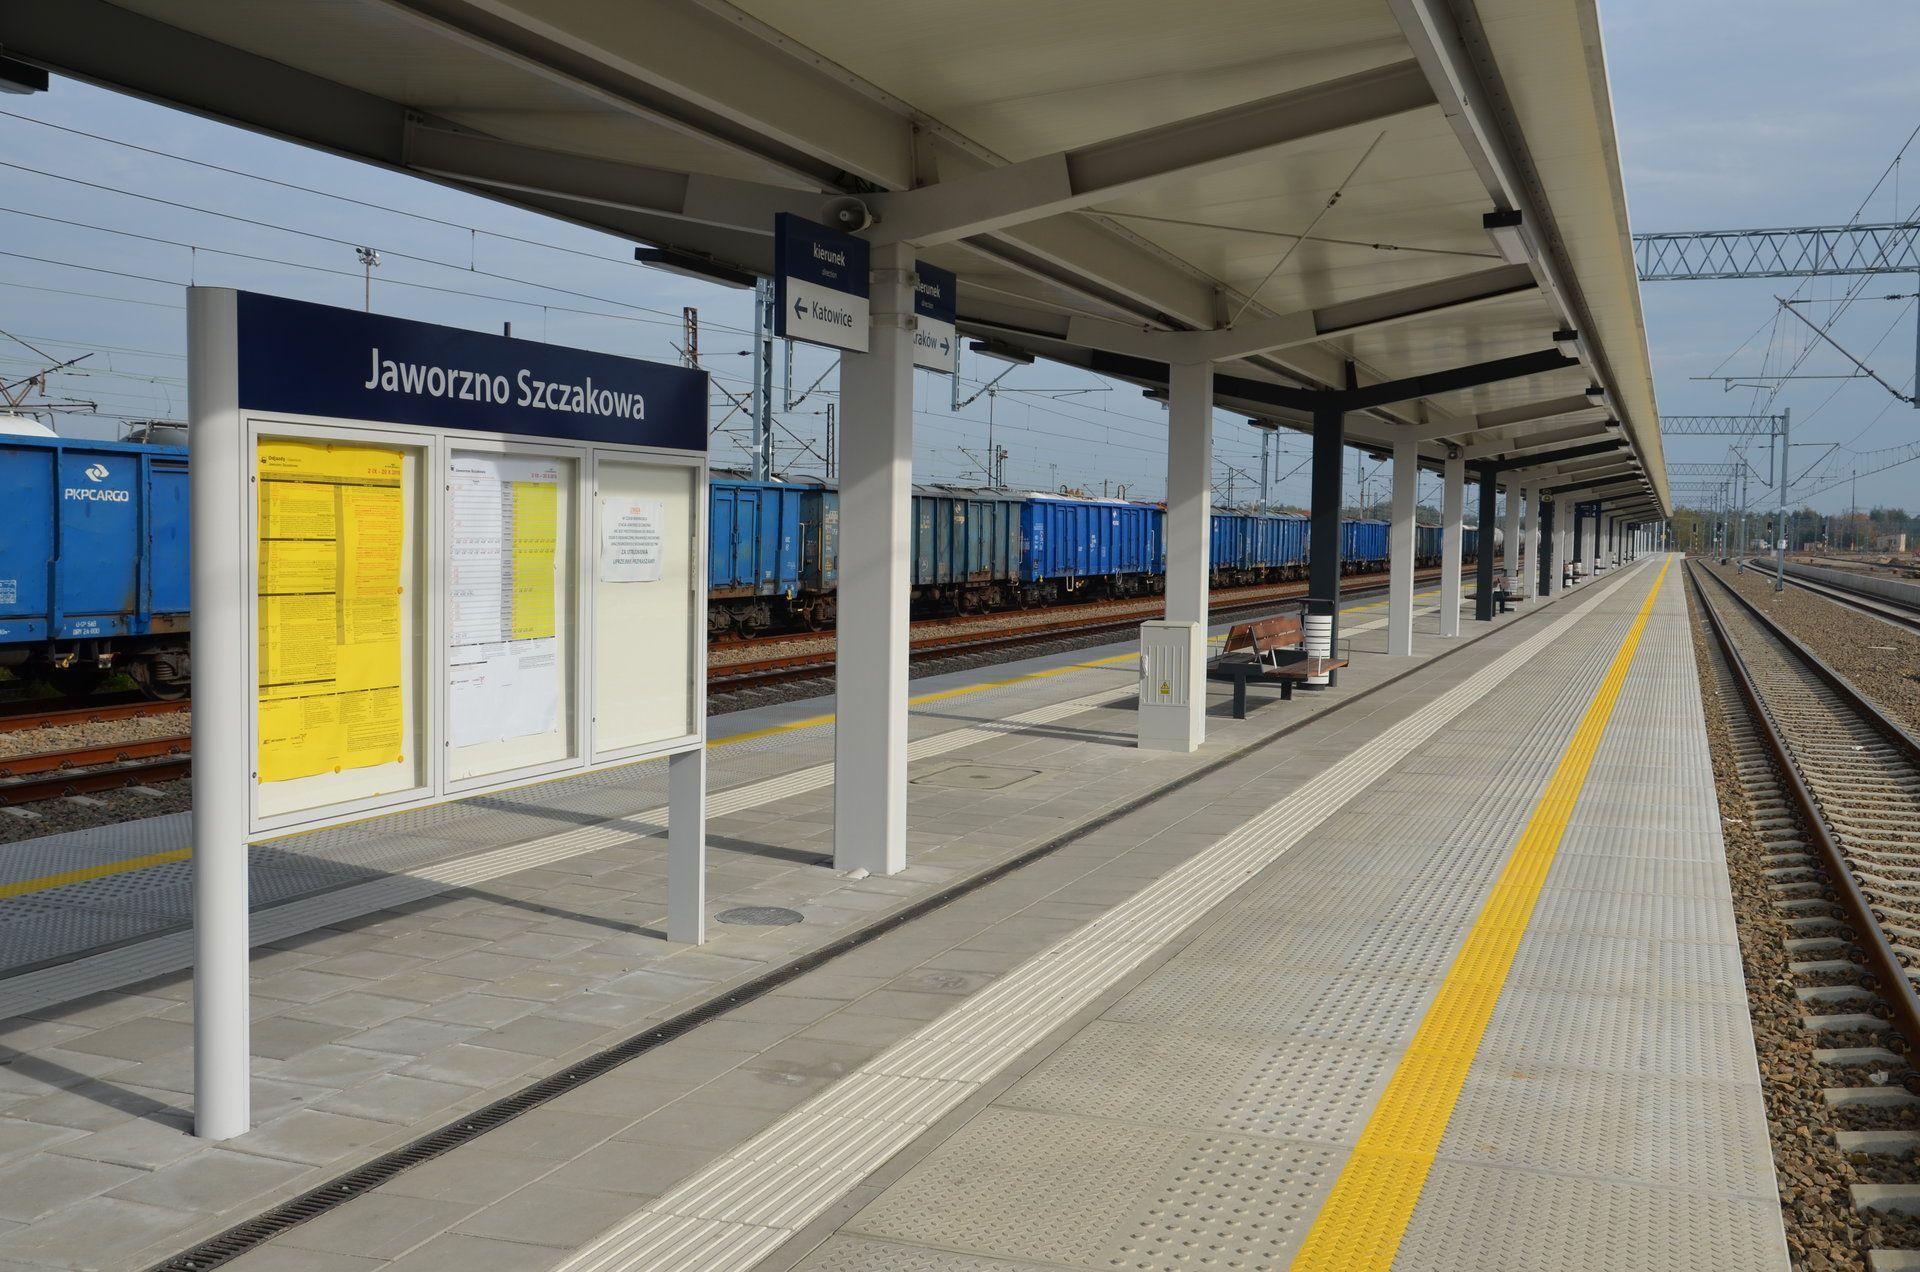 Zmodernizowany peron na stacji Jaworzno Szczakowa (fot. PKP PLK)